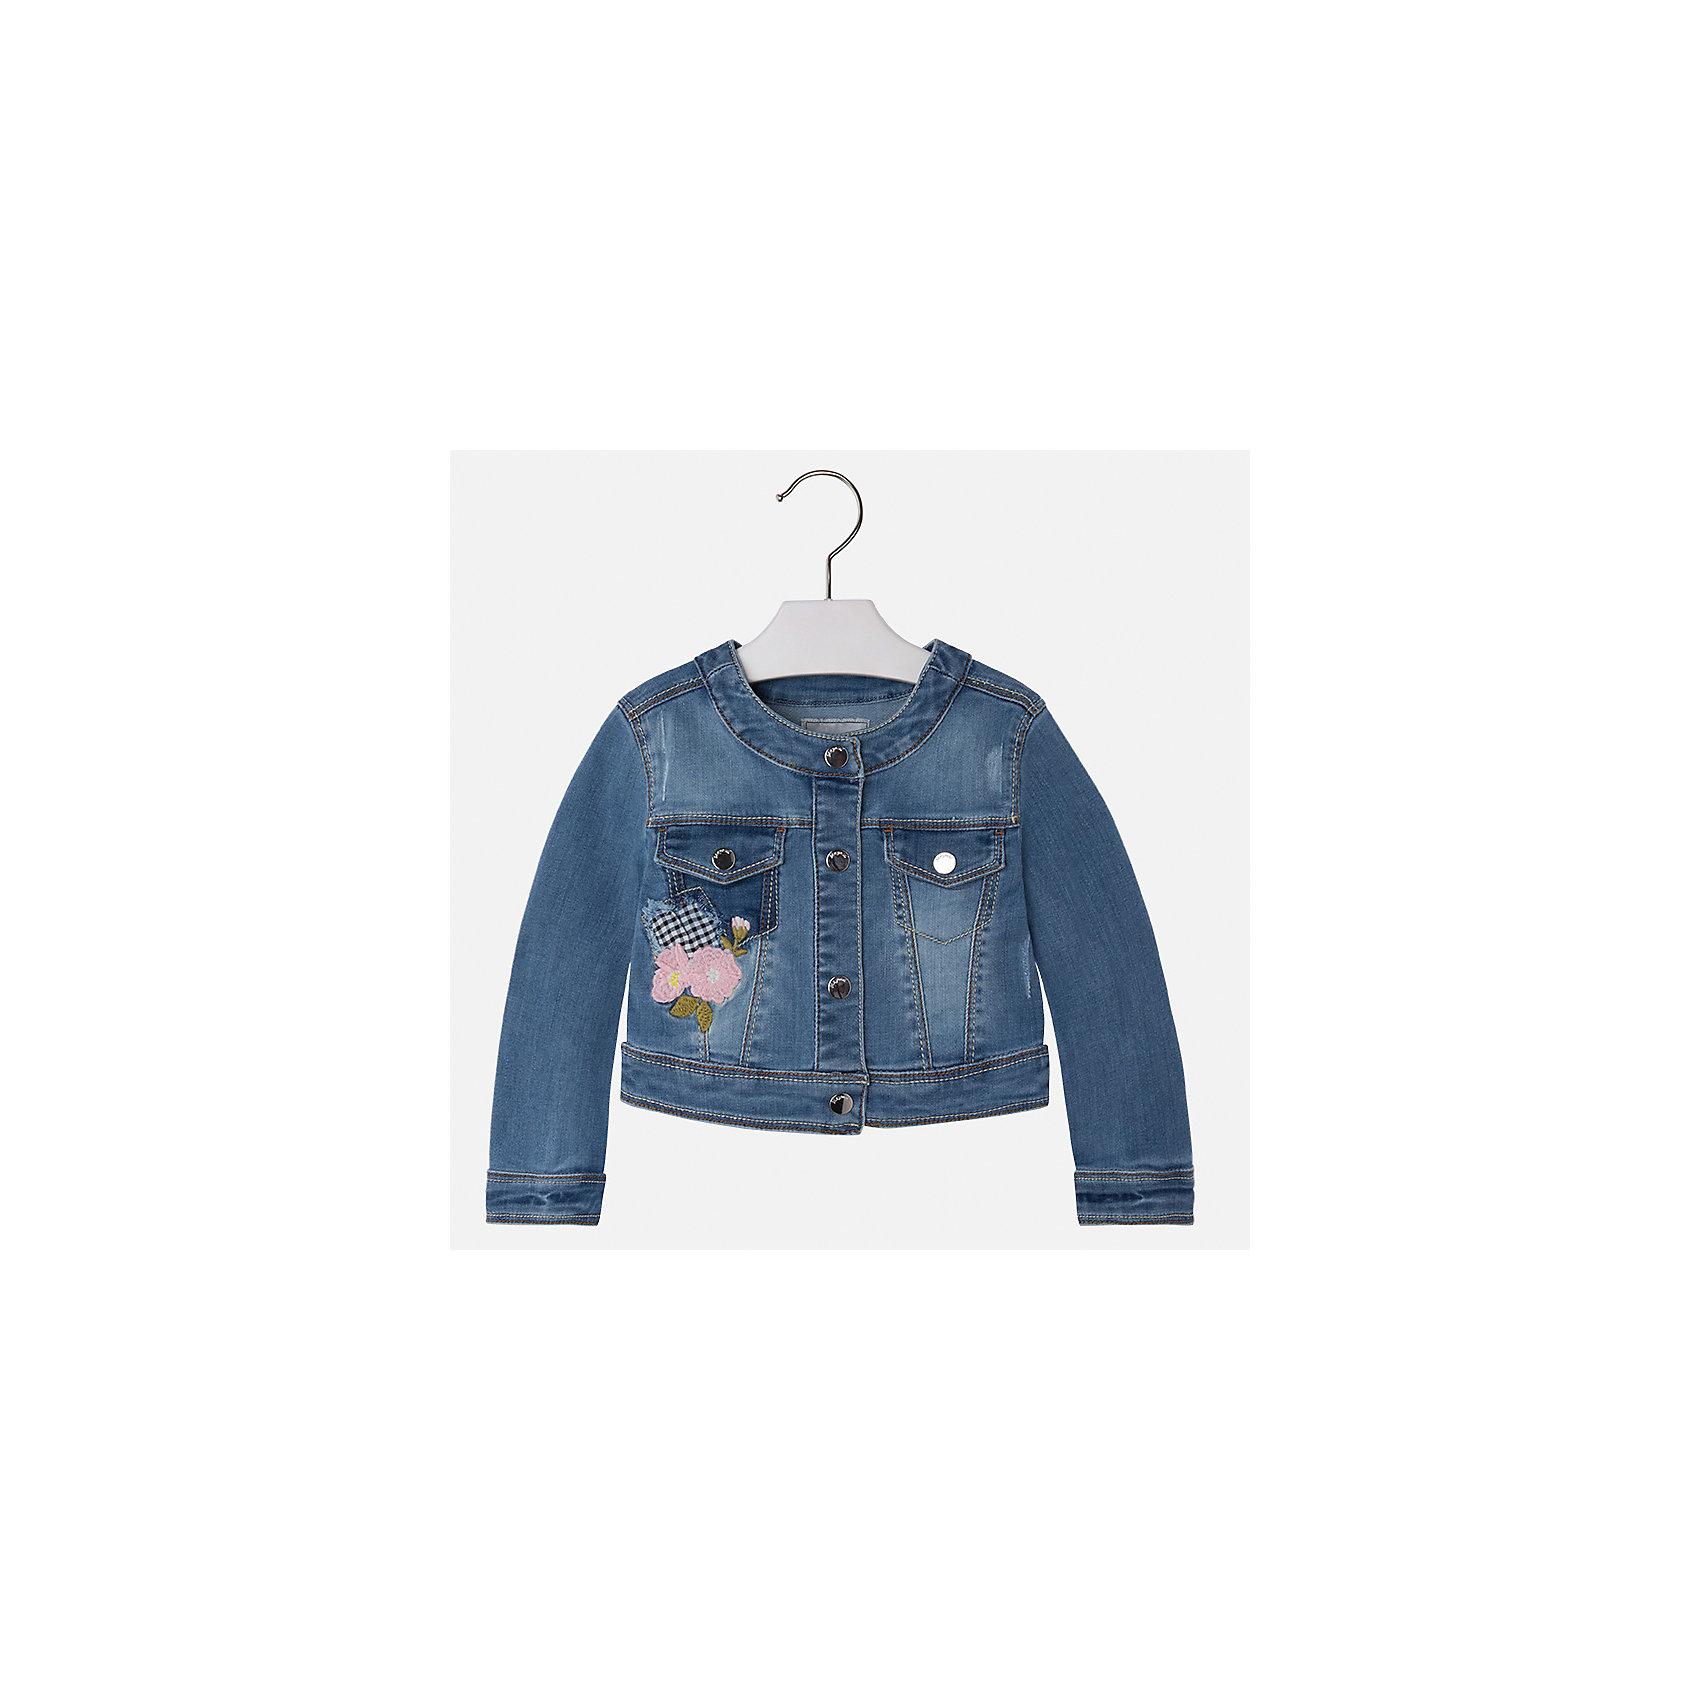 Куртка джинсовая для девочки MayoralДжинсовая одежда<br>Характеристики товара:<br><br>• цвет: синий<br>• состав: 81% полиэстер, 17% вискоза, 2% эластан<br>• вышивка<br>• карманы<br>• с длинными рукавами <br>• застежки: кнопки<br>• страна бренда: Испания<br><br>Удобная и модная куртка для девочки поможет разнообразить гардероб ребенка и обеспечить тепло в прохладную погоду. Она отлично сочетается и с юбками, и с брюками. Красивый цвет позволяет подобрать к вещи низ различных расцветок. Интересная отделка модели делает её нарядной и стильной. Оригинальной и модной куртку делает красивая вышивка.<br><br>Одежда, обувь и аксессуары от испанского бренда Mayoral полюбились детям и взрослым по всему миру. Модели этой марки - стильные и удобные. Для их производства используются только безопасные, качественные материалы и фурнитура. Порадуйте ребенка модными и красивыми вещами от Mayoral! <br><br>Куртку для девочки от испанского бренда Mayoral (Майорал) можно купить в нашем интернет-магазине.<br><br>Ширина мм: 356<br>Глубина мм: 10<br>Высота мм: 245<br>Вес г: 519<br>Цвет: синий<br>Возраст от месяцев: 18<br>Возраст до месяцев: 24<br>Пол: Женский<br>Возраст: Детский<br>Размер: 134,128,122,116,110,104,98,92<br>SKU: 5290109